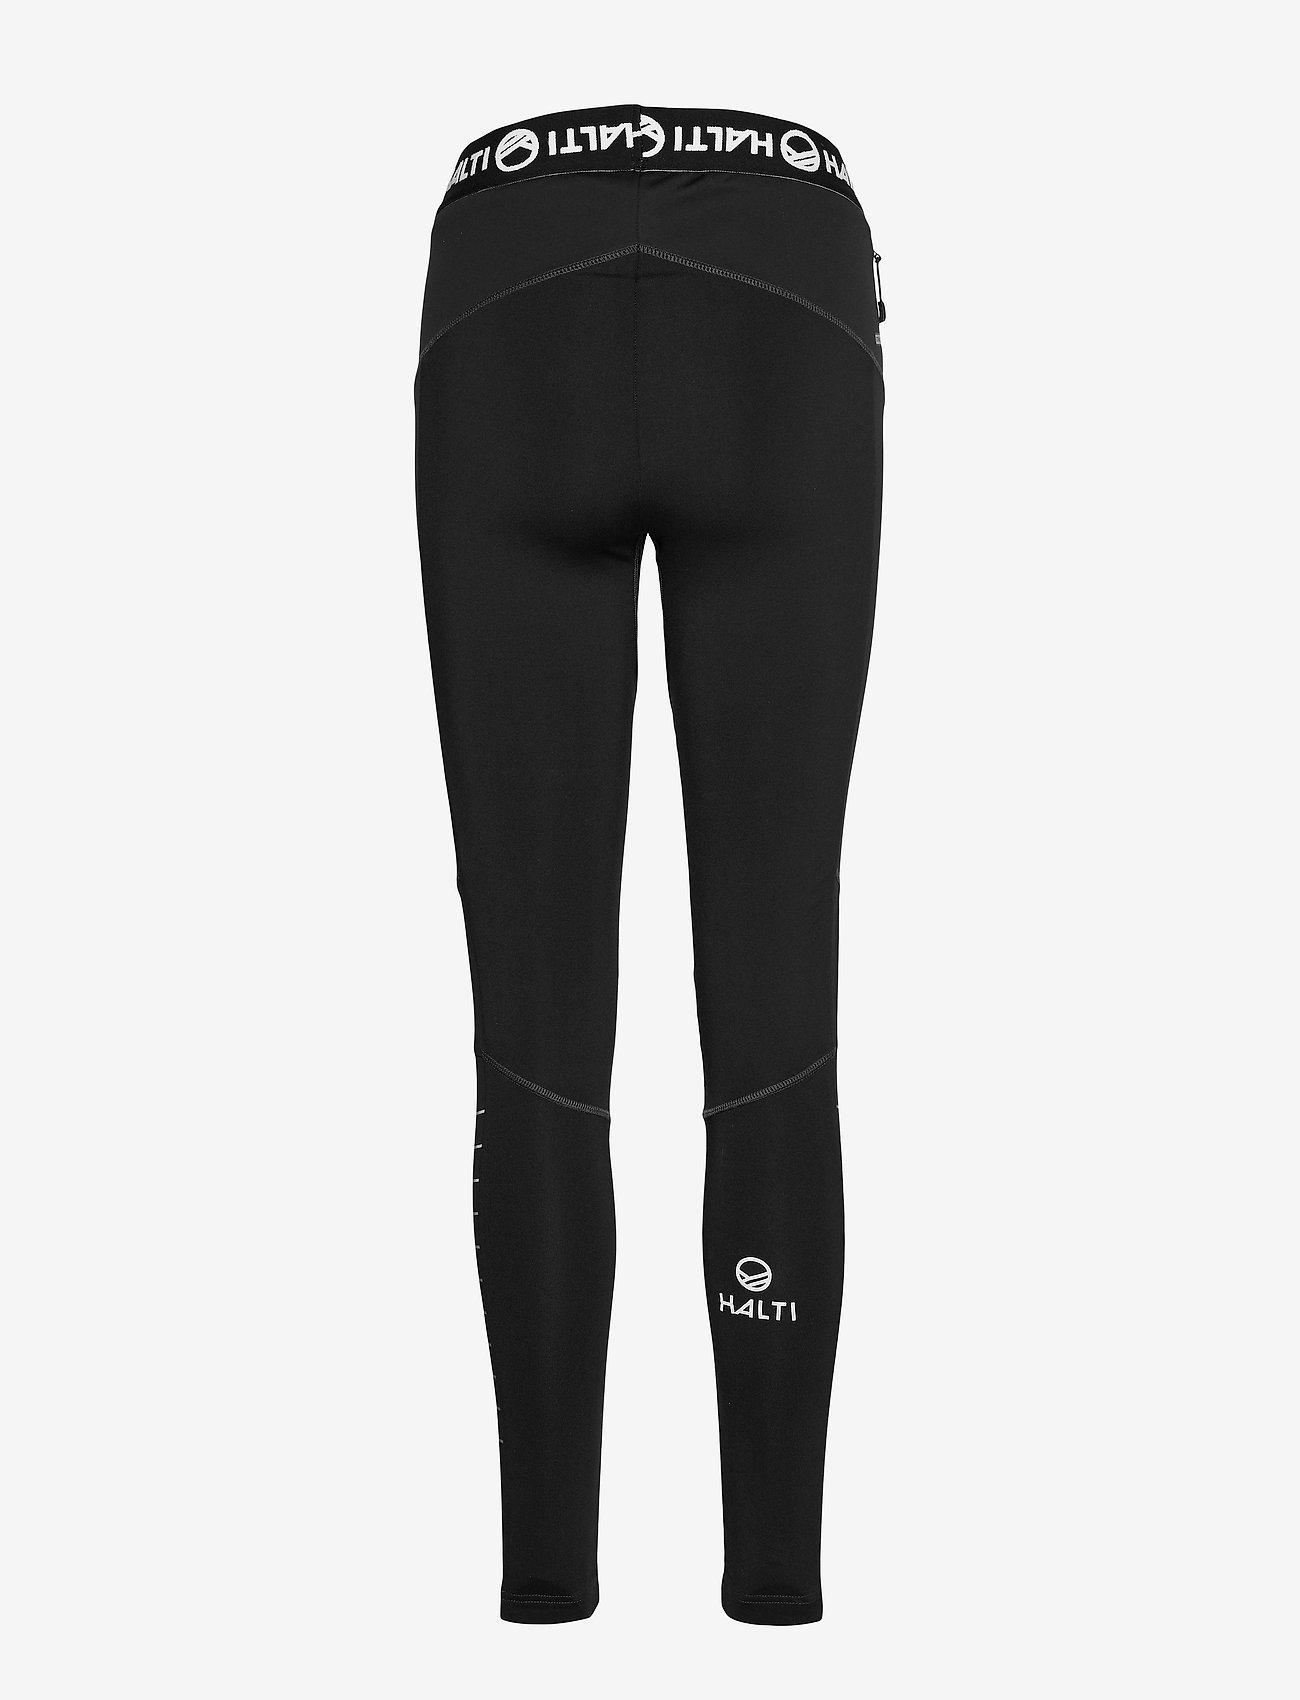 Halti - Kaarre W pants - spodnie narciarskie - black - 1